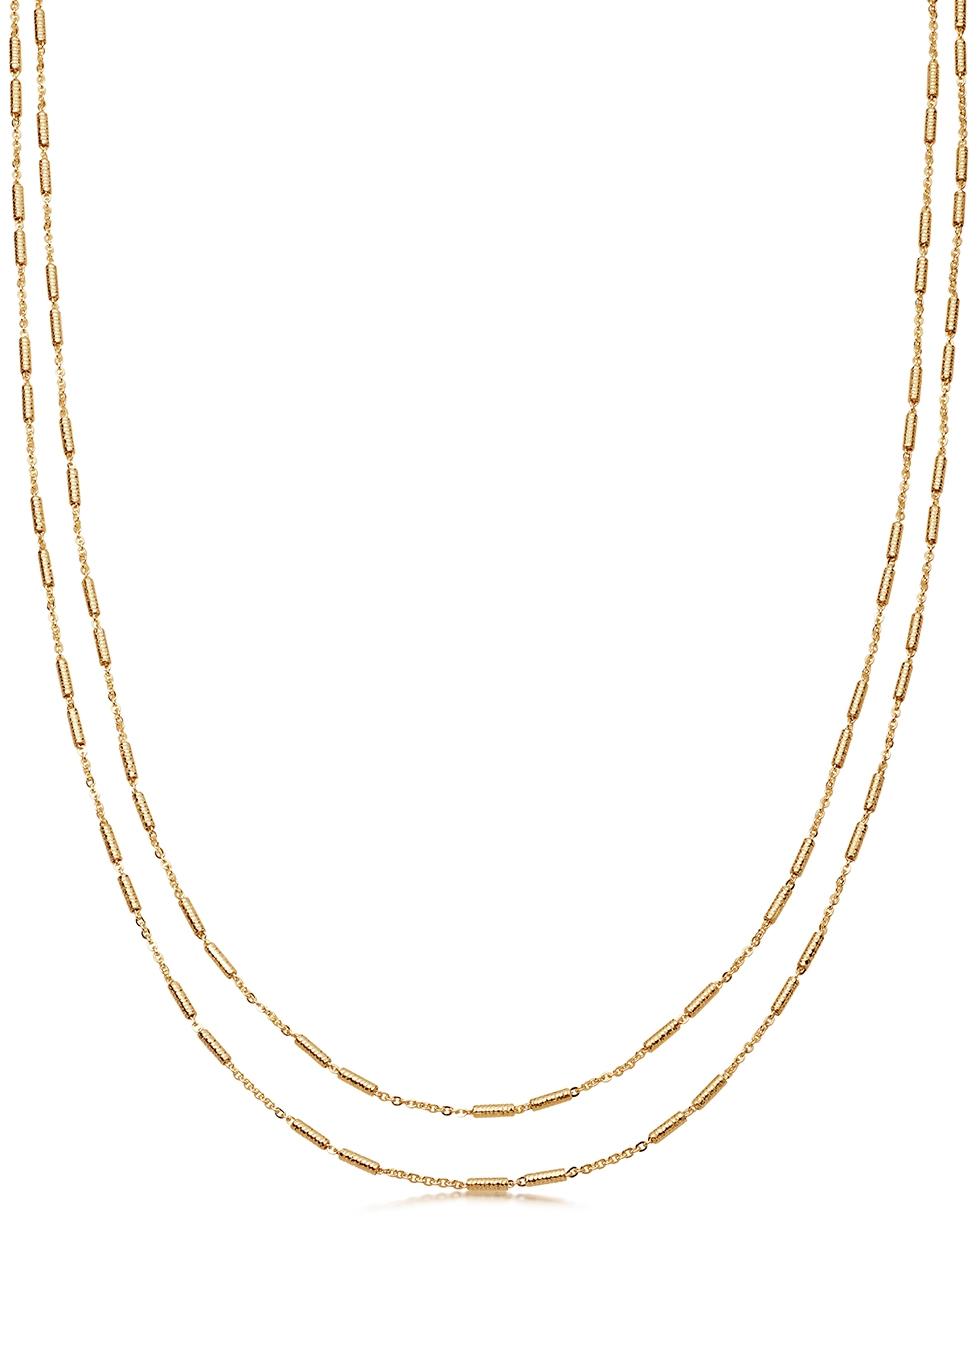 Vervelle Double Chain 18kt gold vermeil necklace